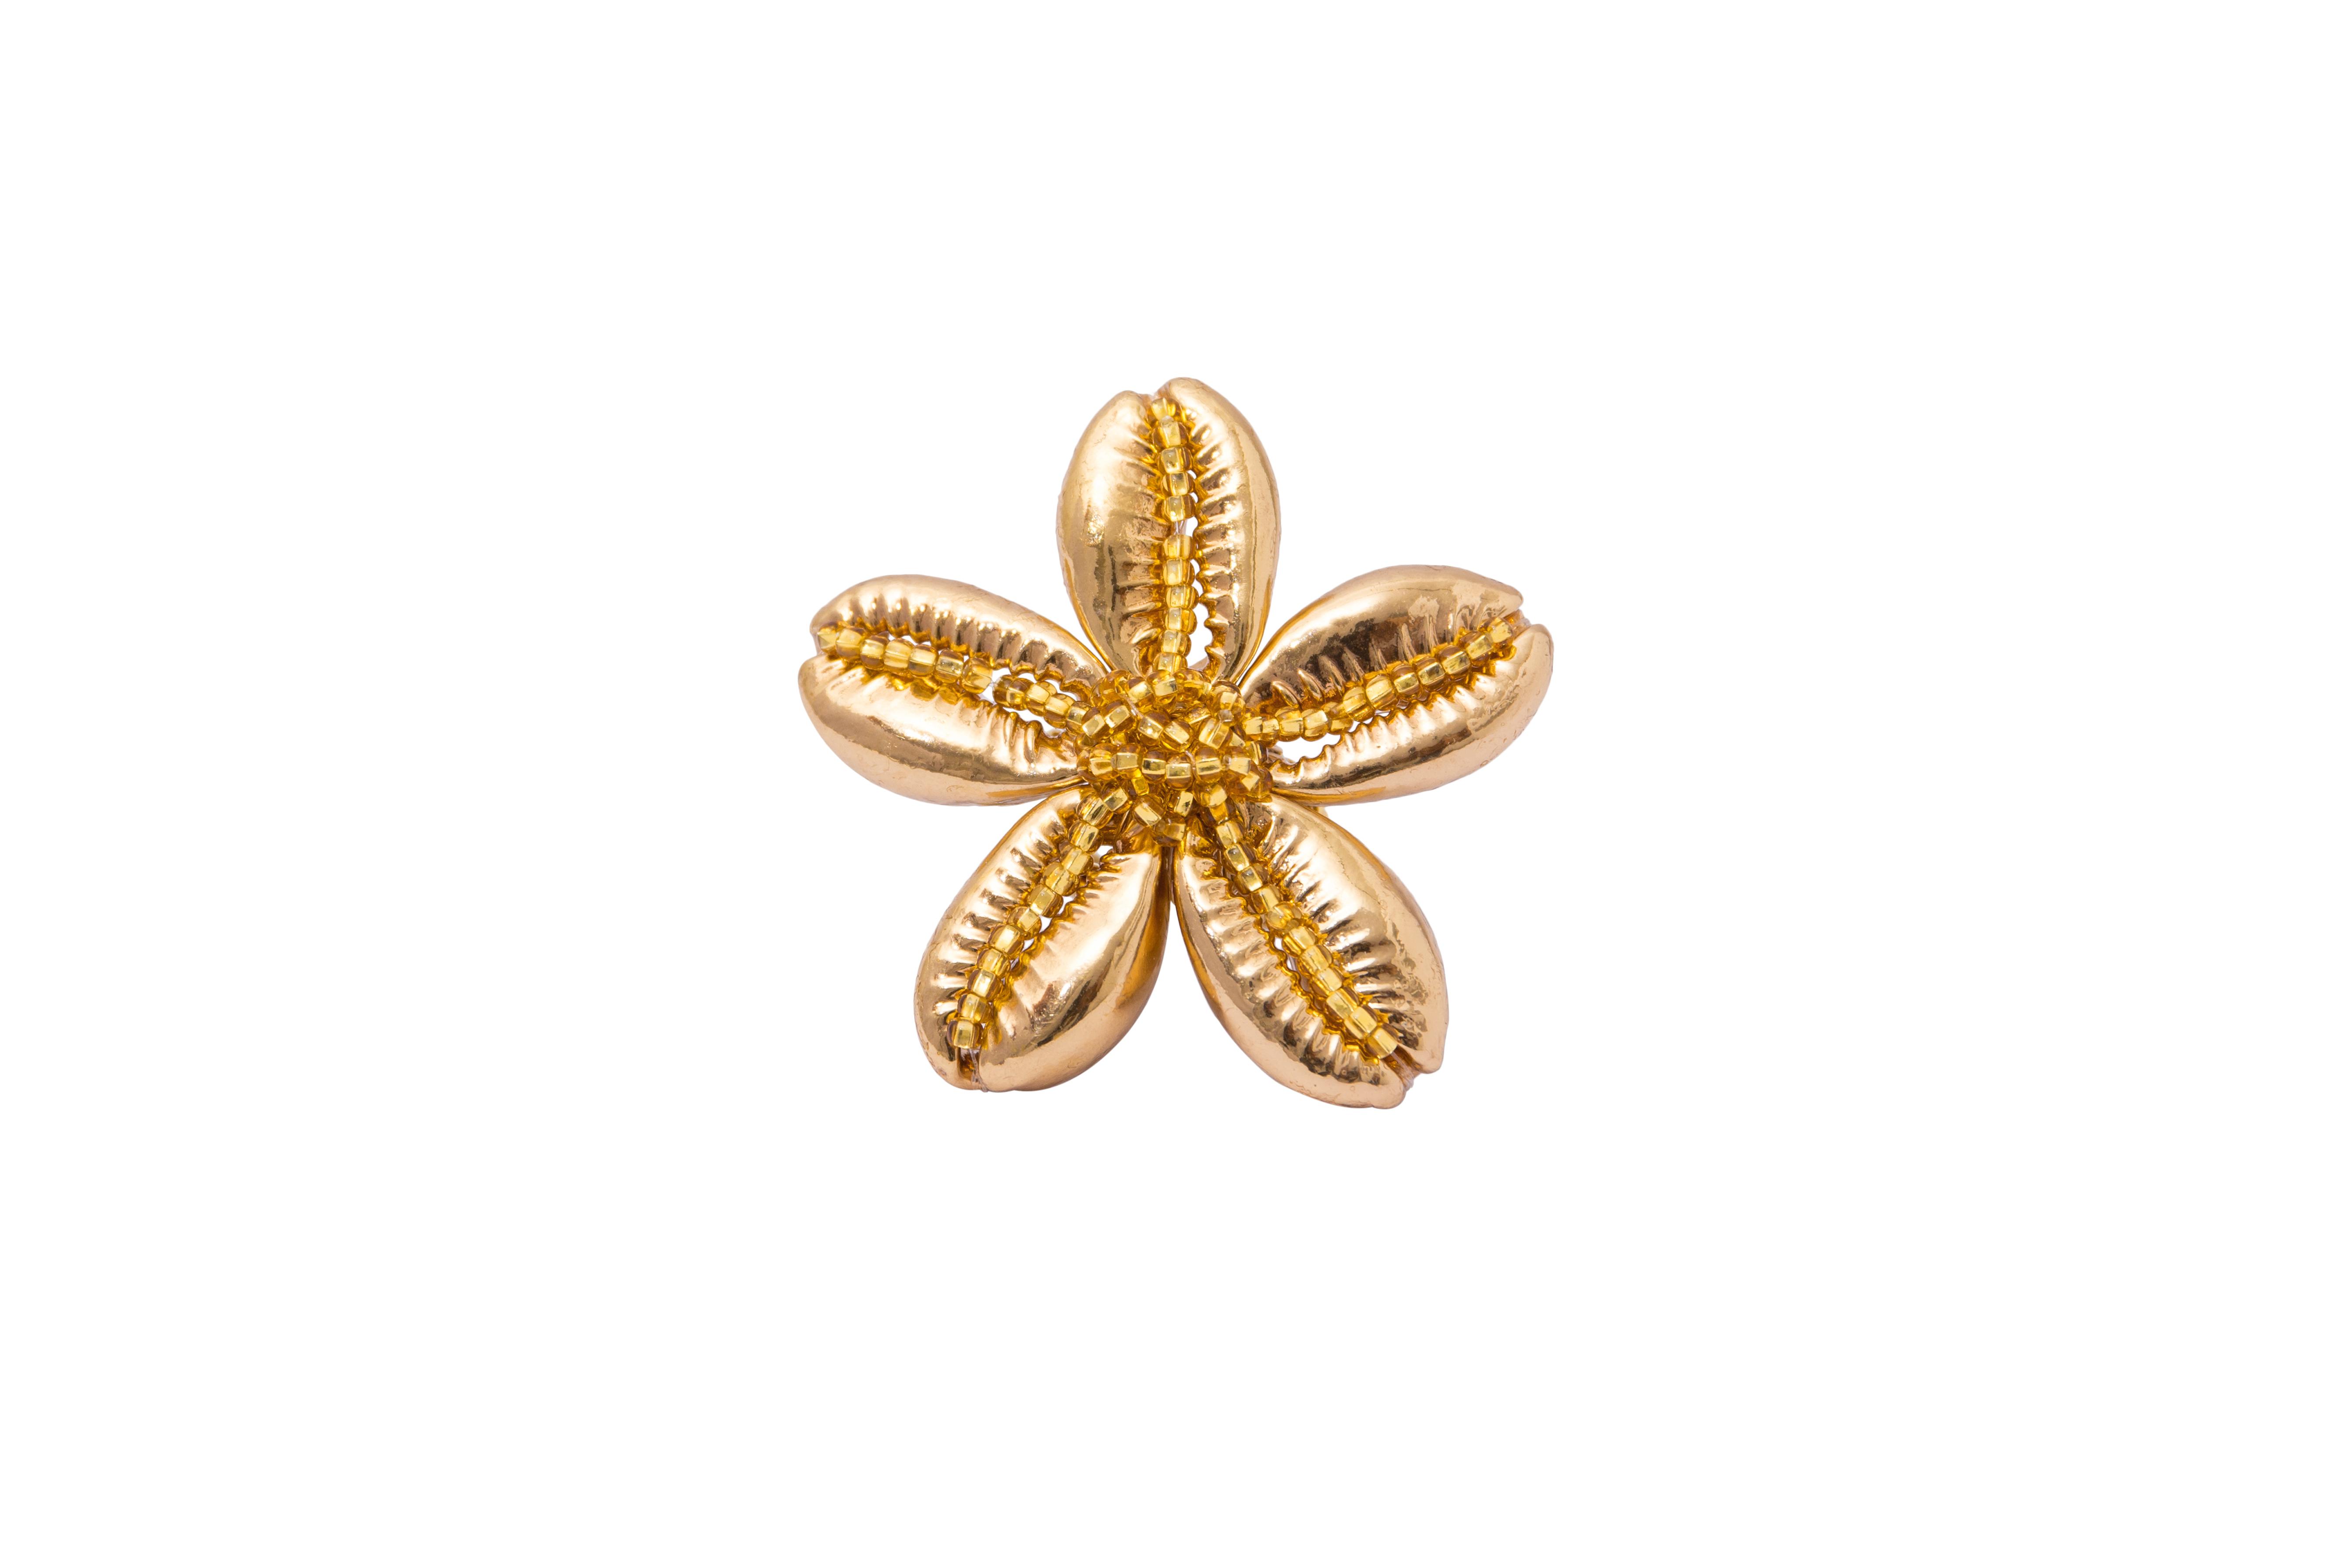 Golden Snails Flower Ring